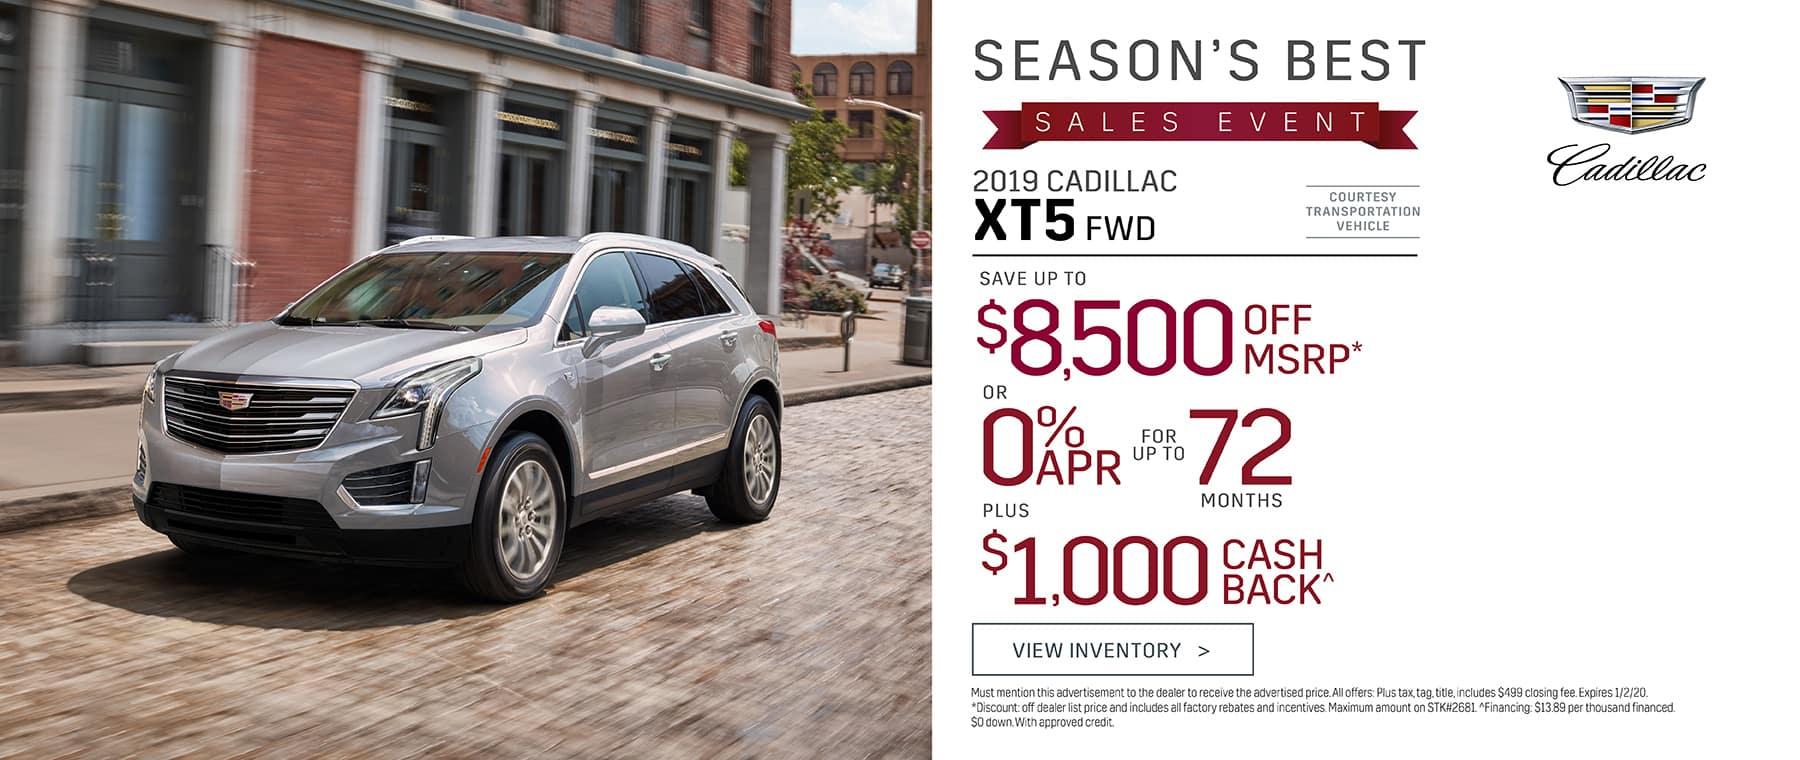 New 2019 Cadillac XT5